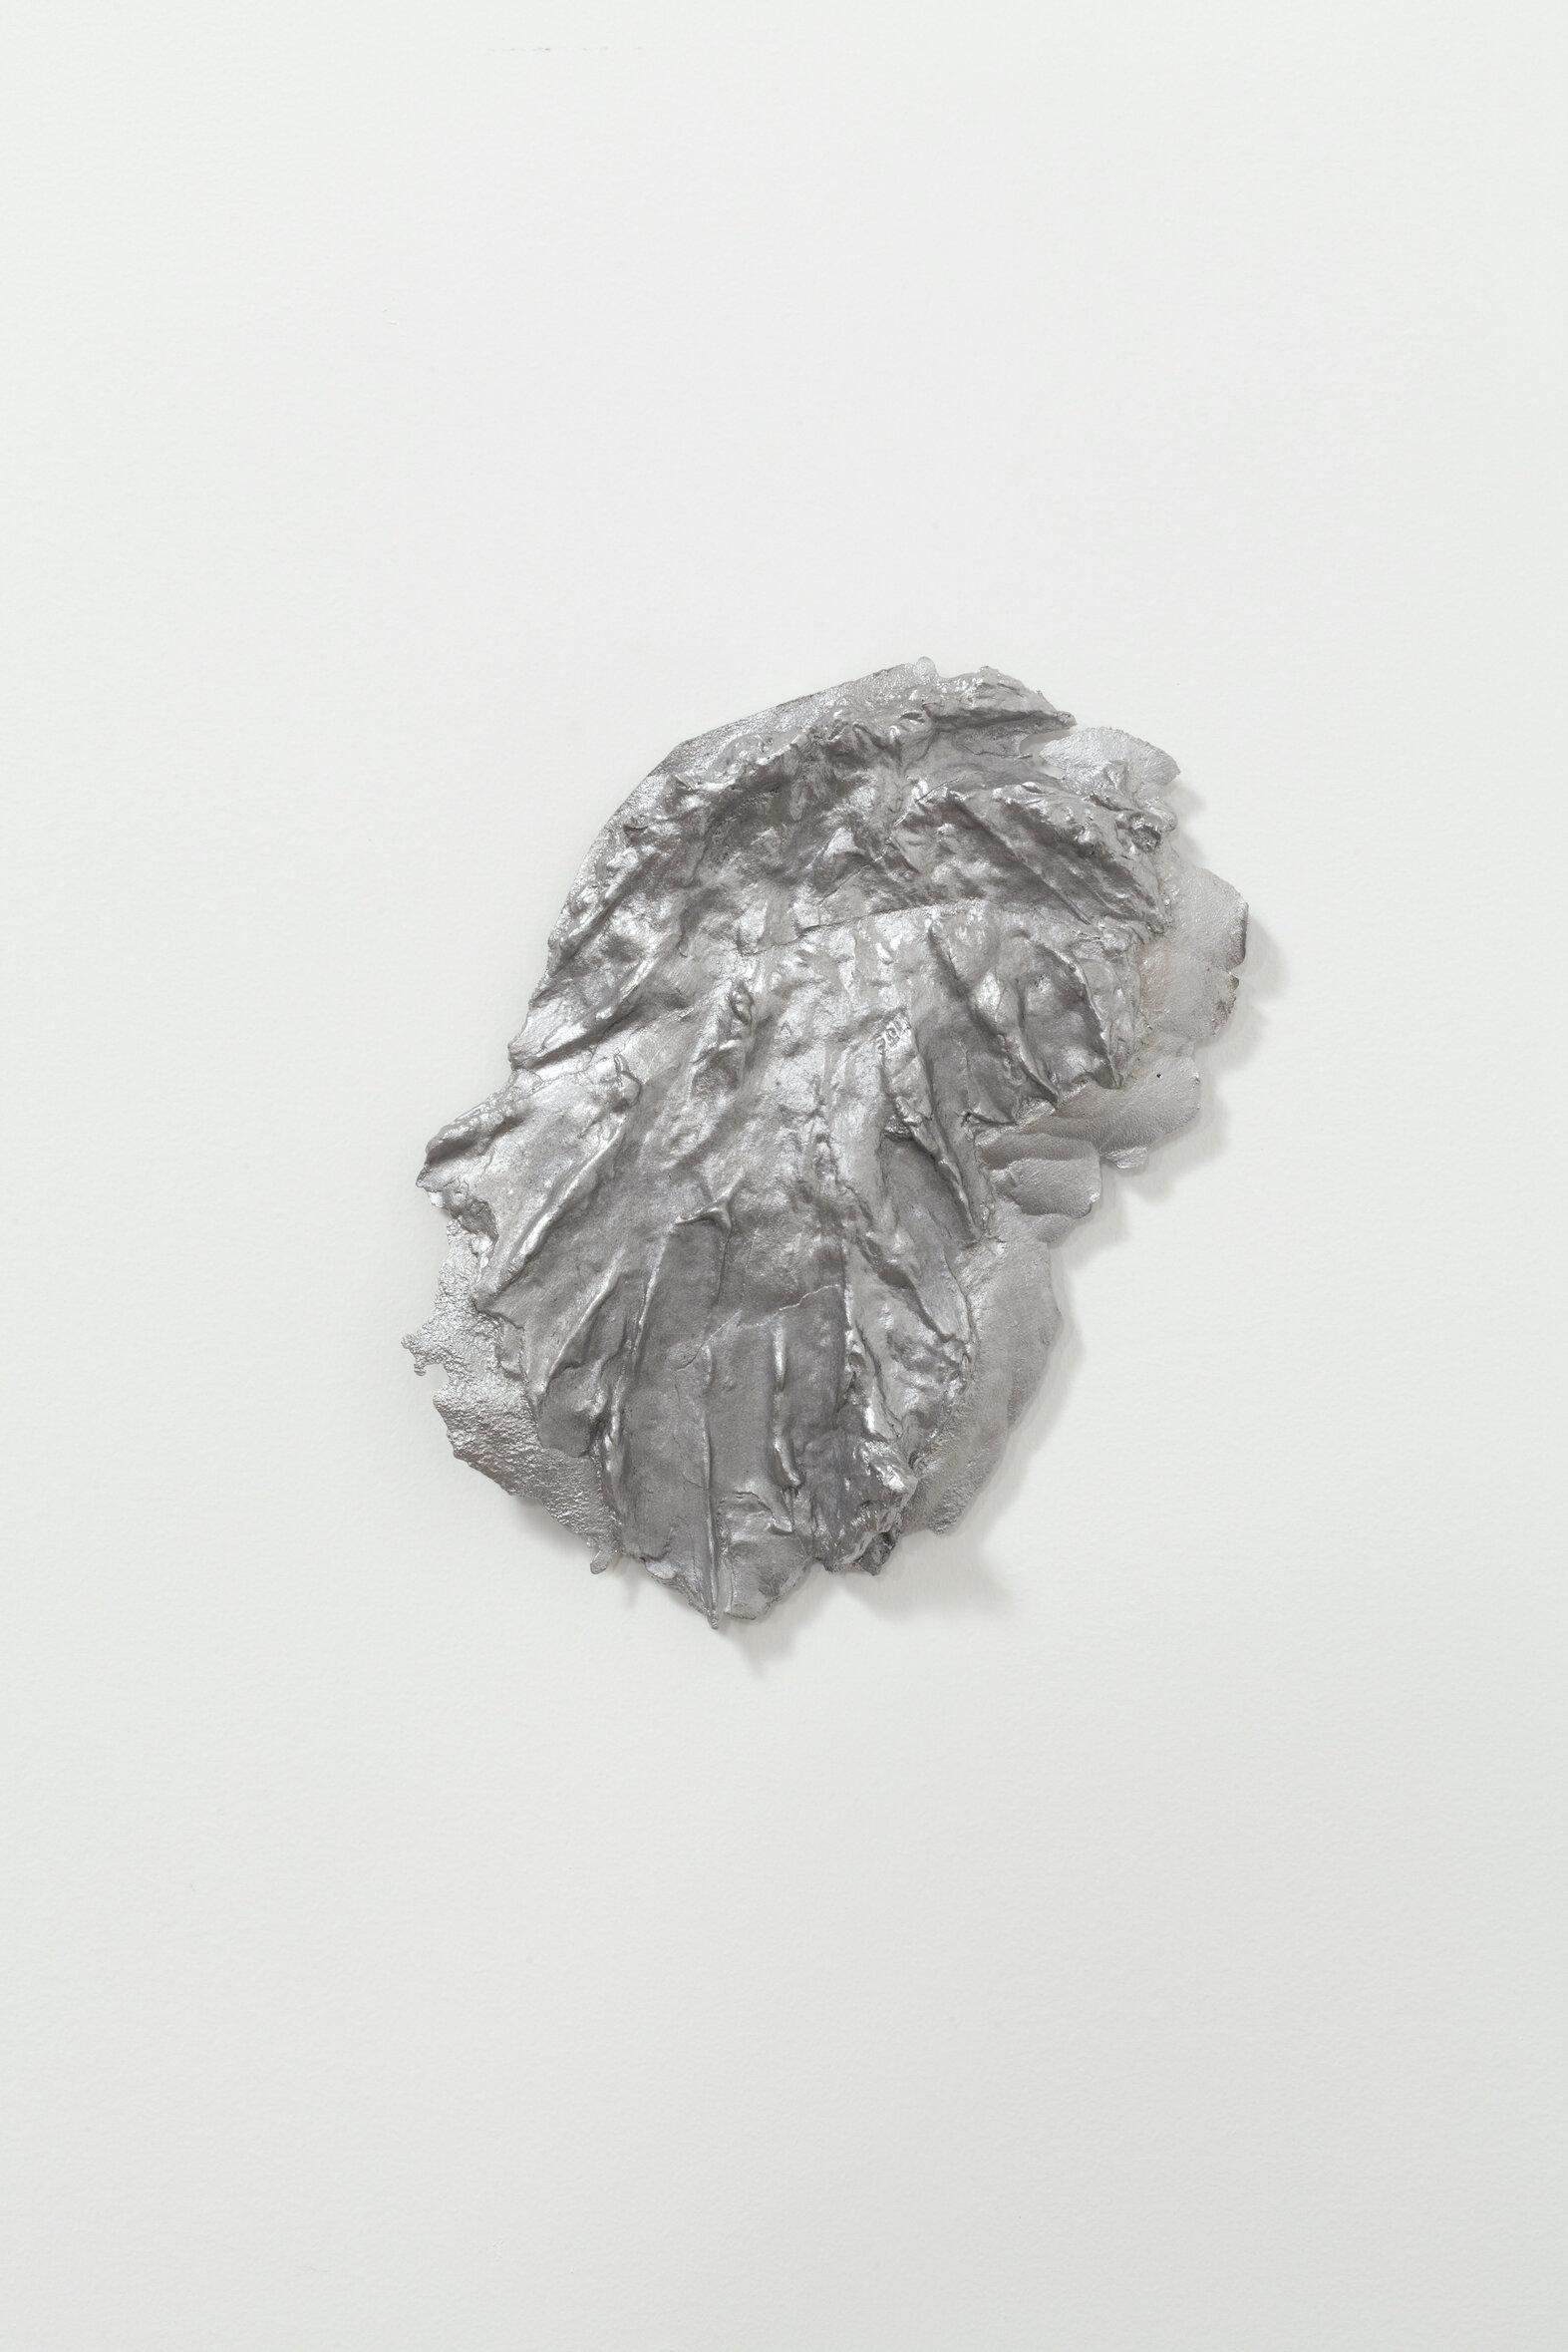 Shit 2,  2019, Cast aluminum, 7 1/2 x 9 x 1⁄2 inches